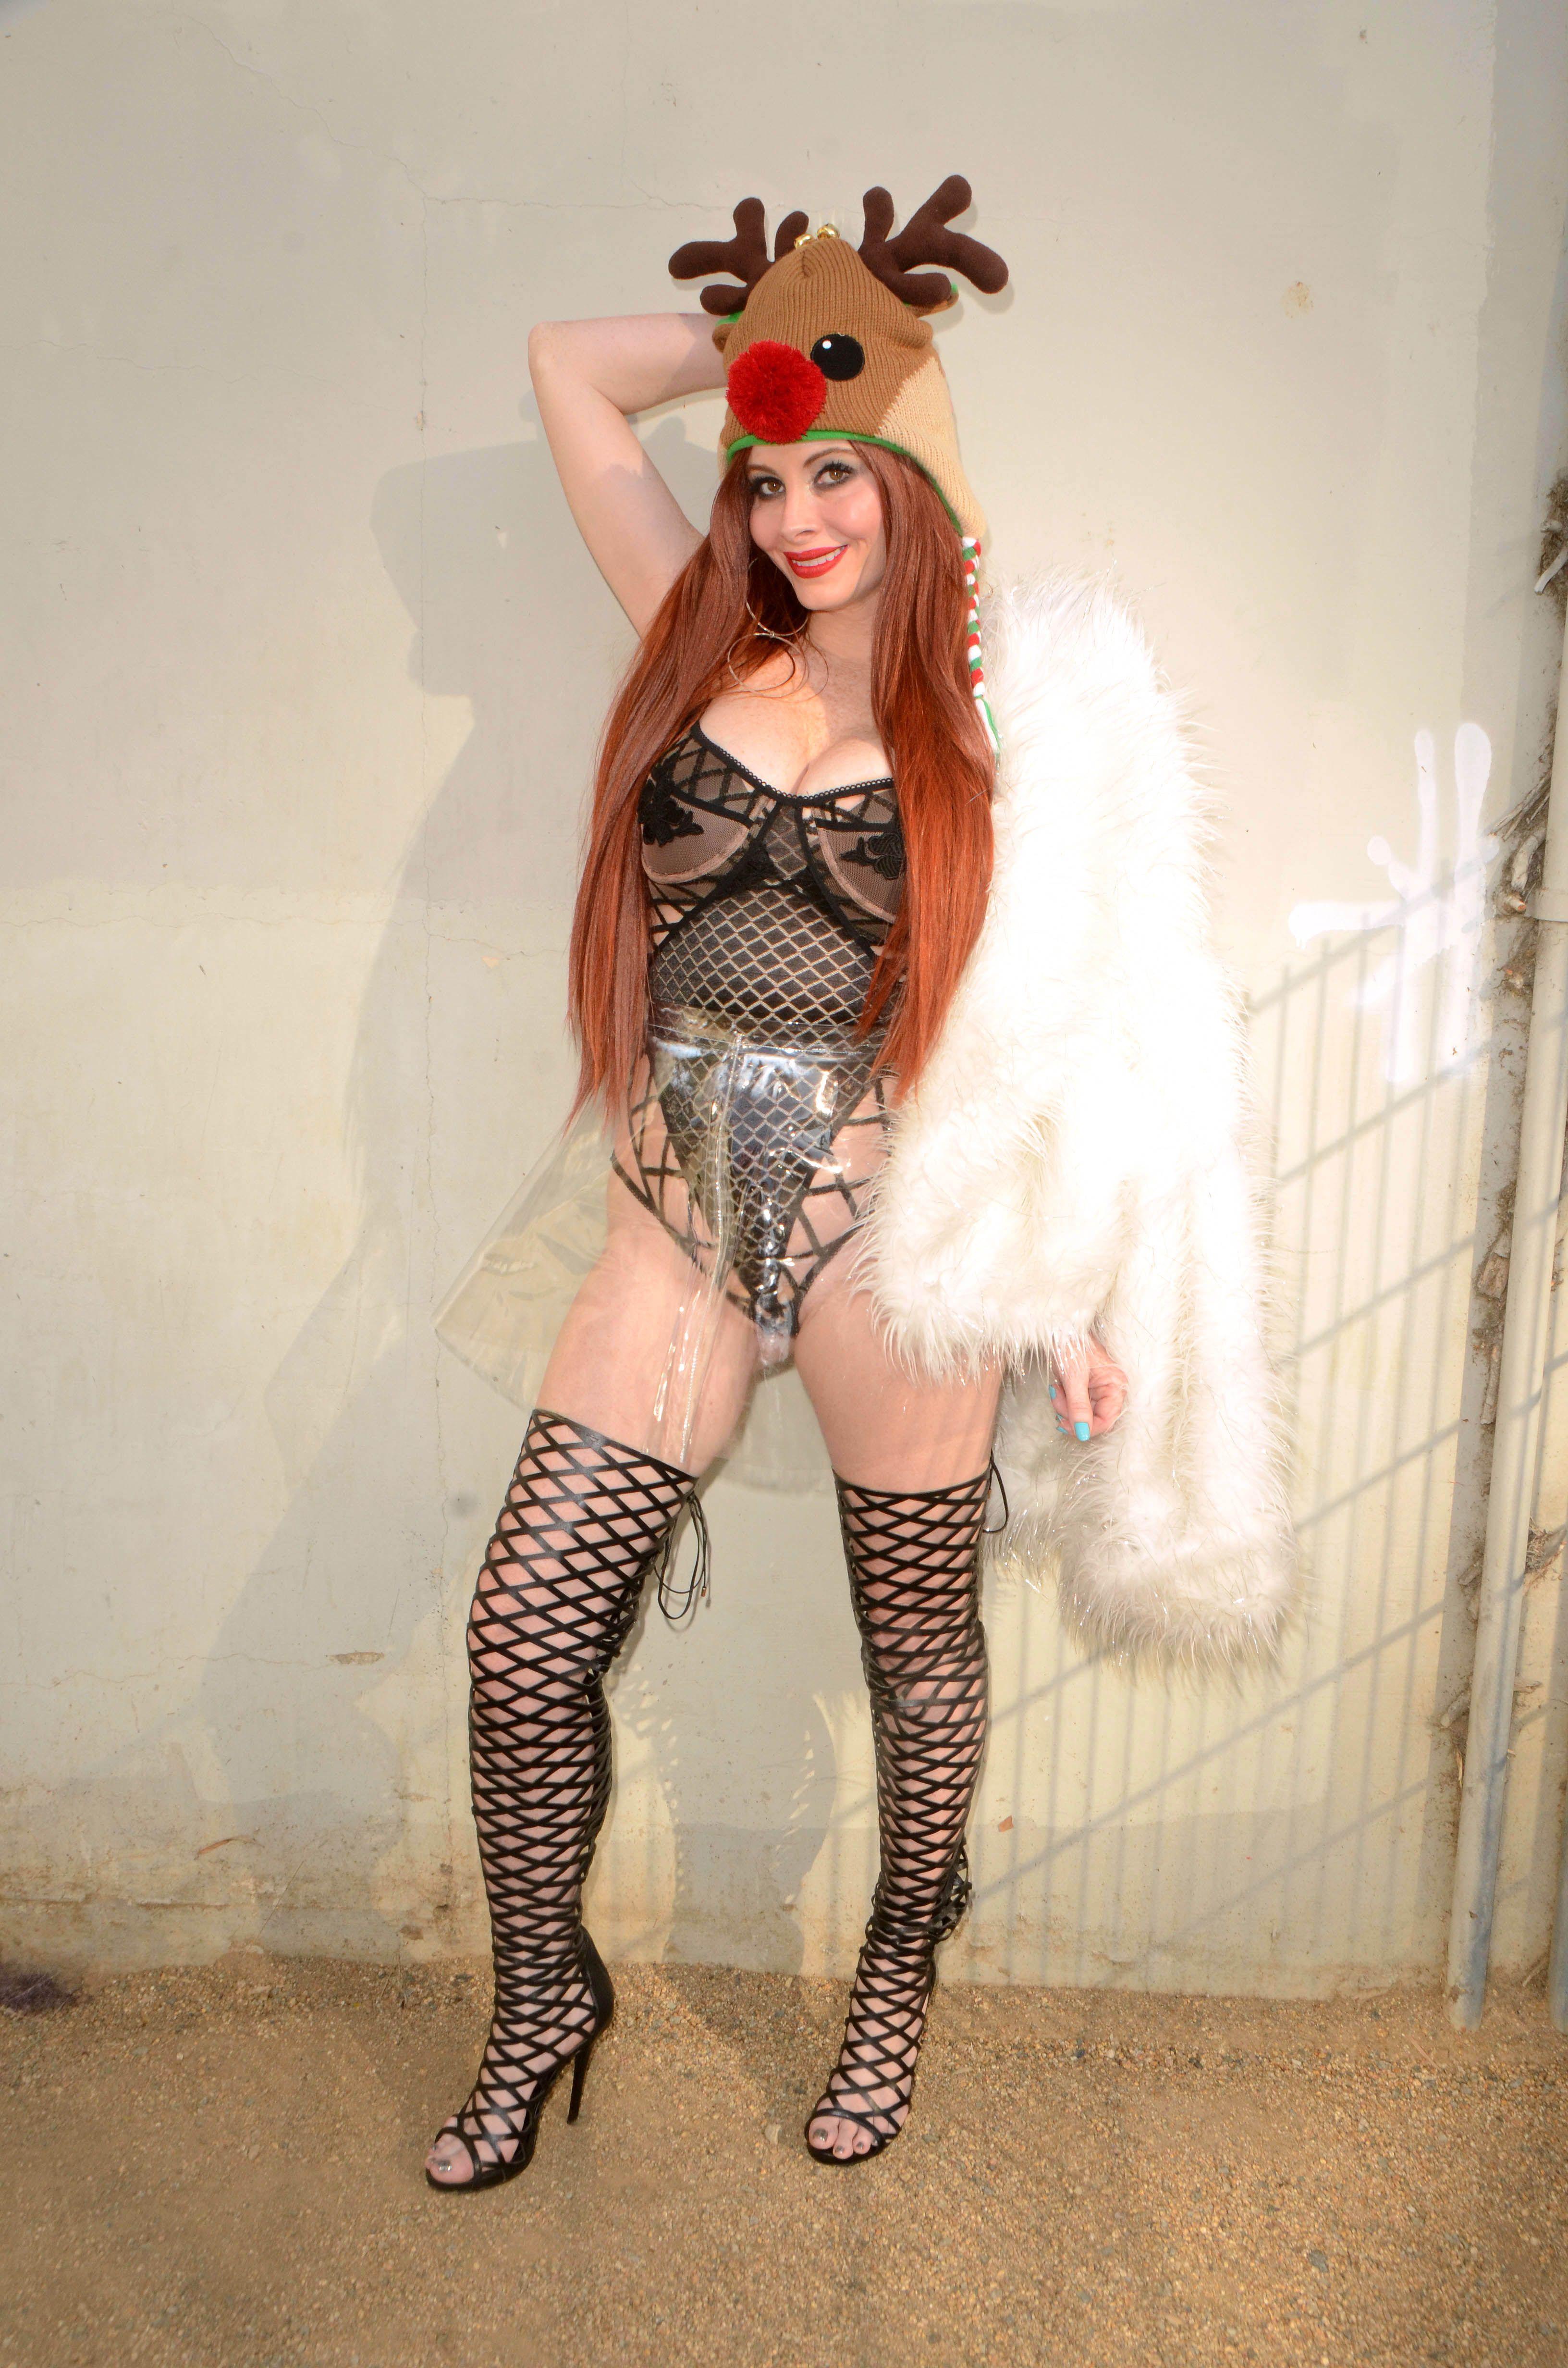 Phoebe-Price-Sexy-17